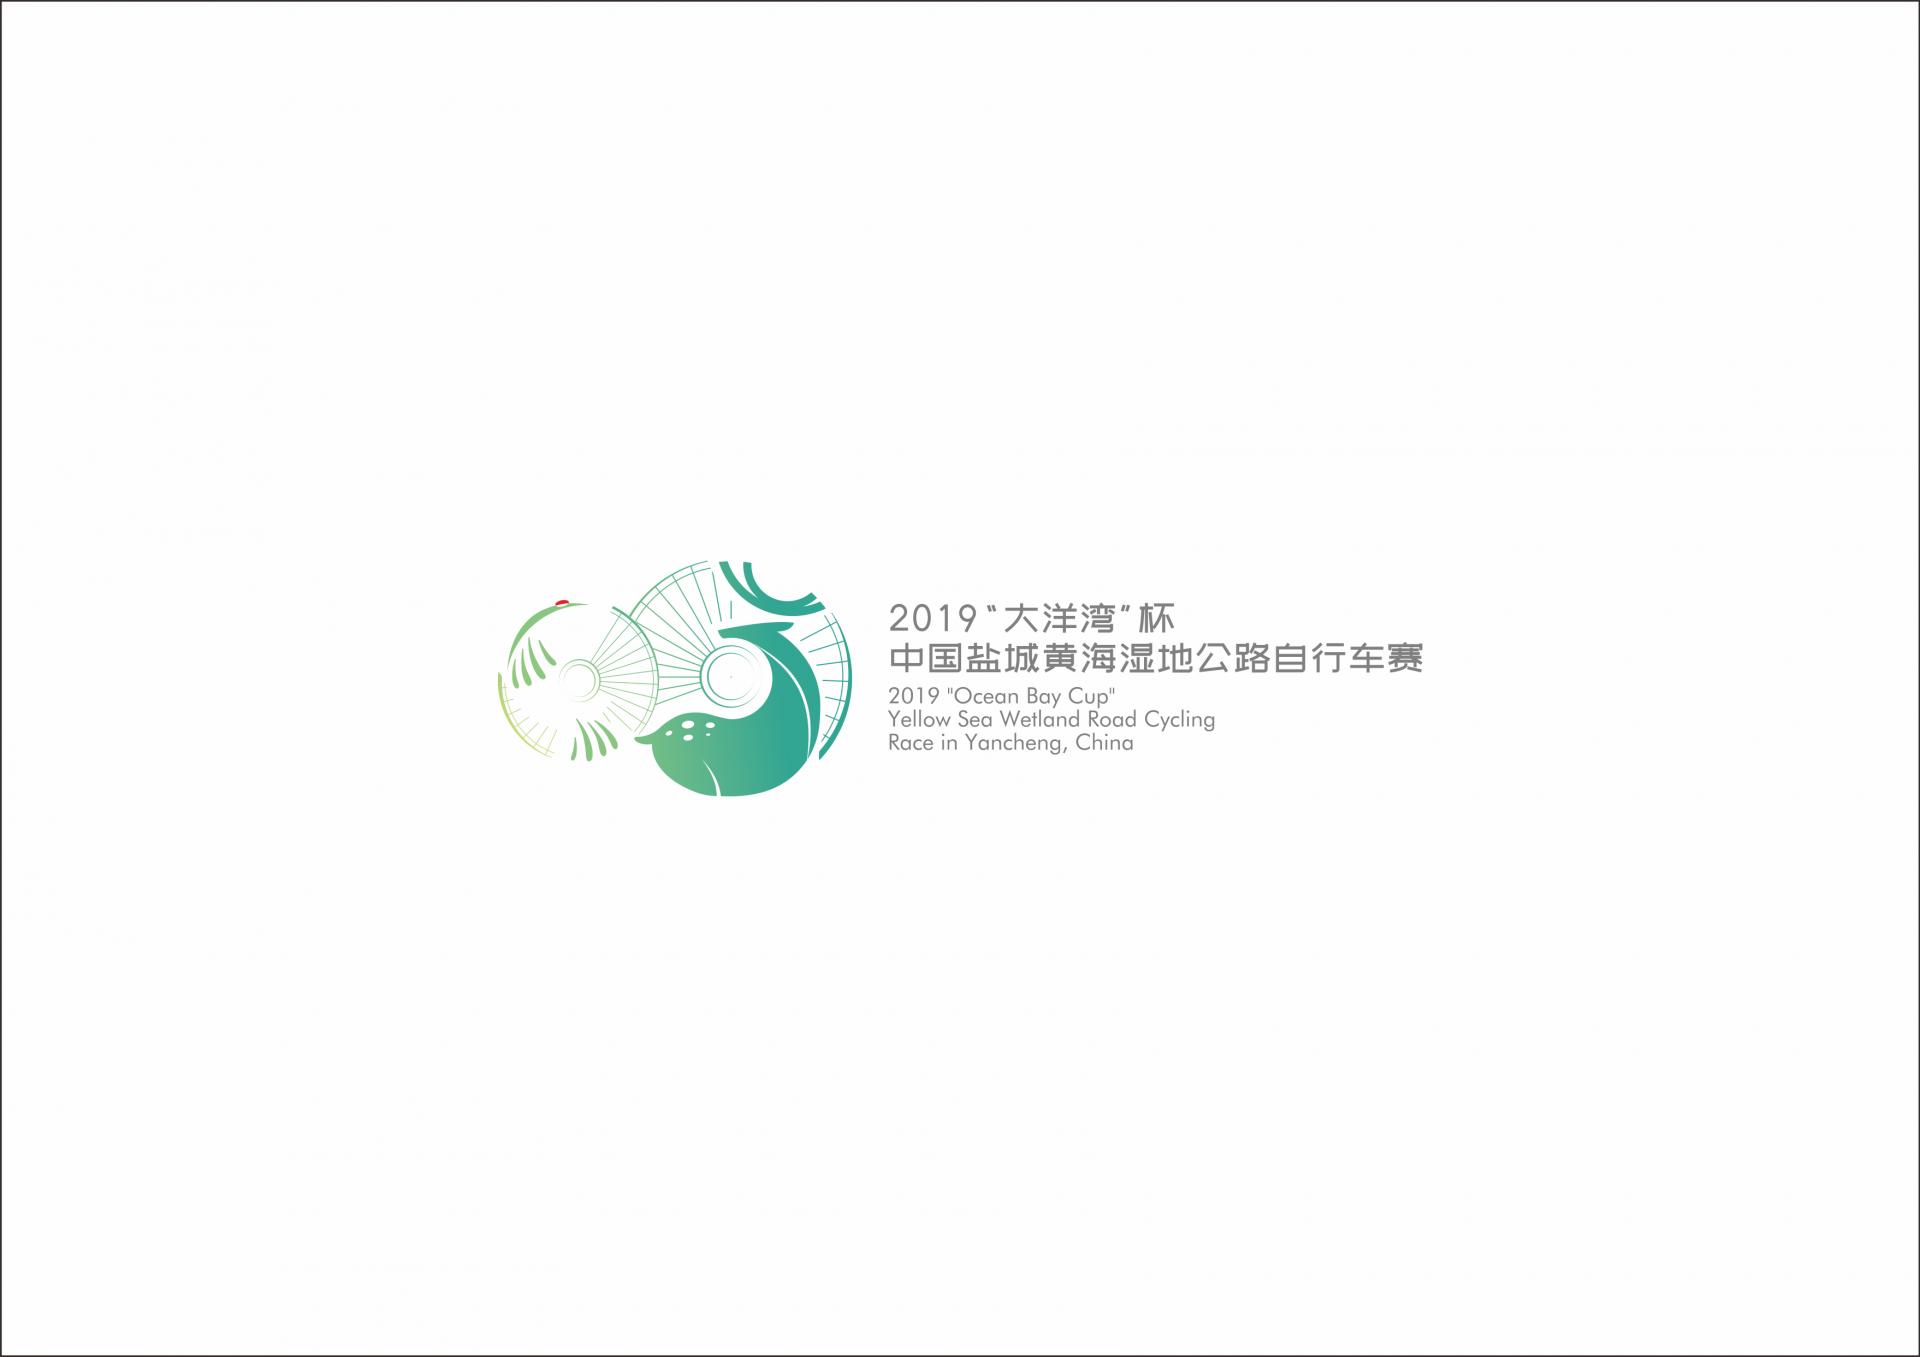 【导读】 2019中国黄海湿地公路自行车赛下周开赛